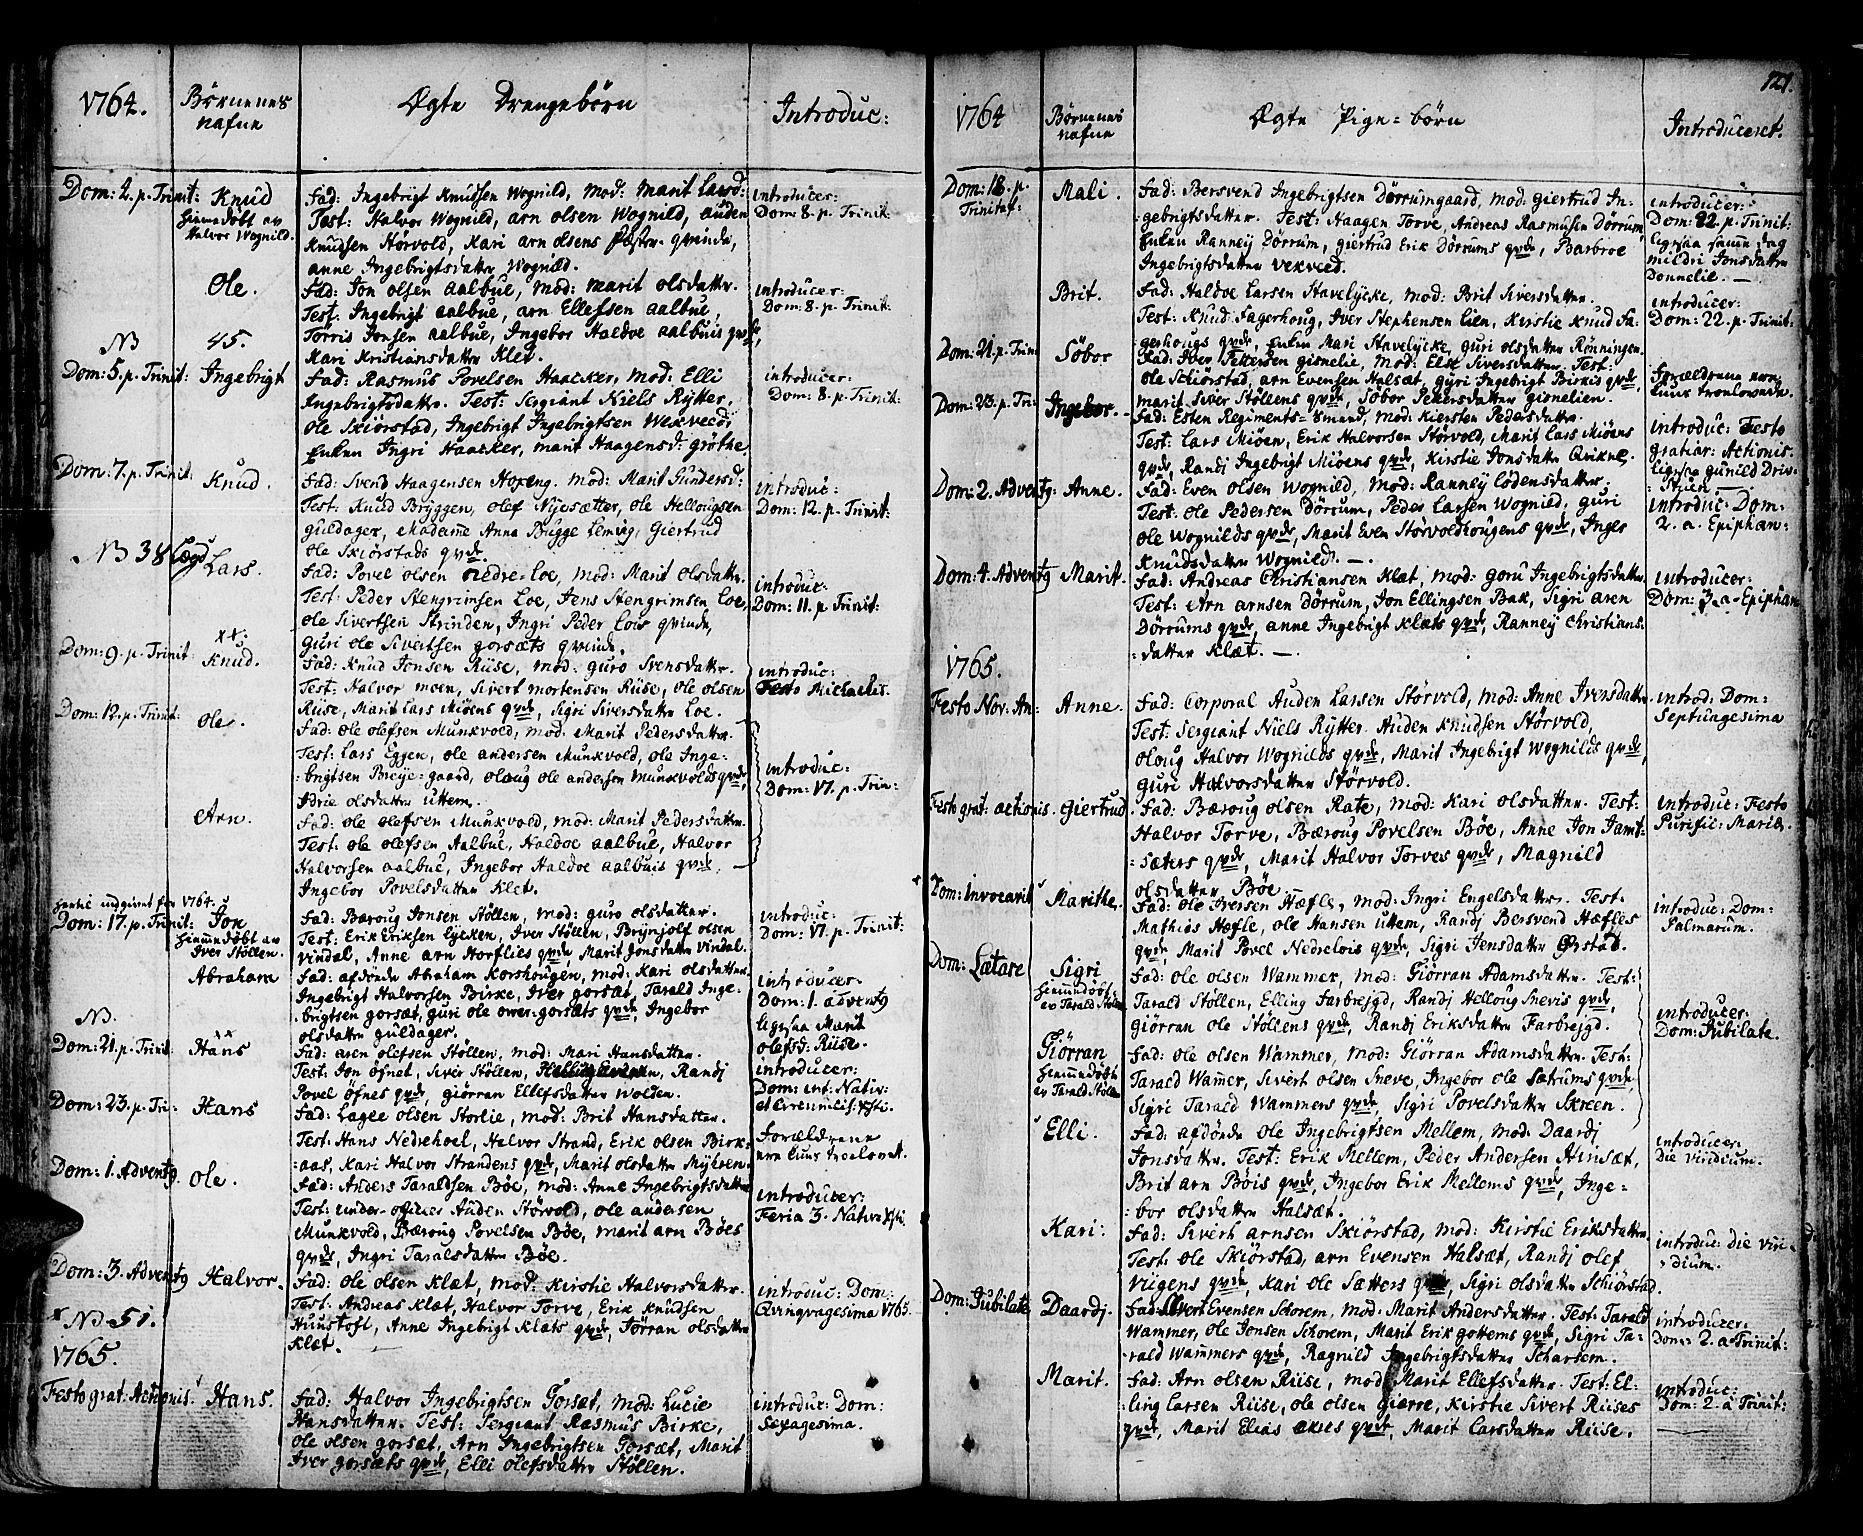 SAT, Ministerialprotokoller, klokkerbøker og fødselsregistre - Sør-Trøndelag, 678/L0891: Ministerialbok nr. 678A01, 1739-1780, s. 121